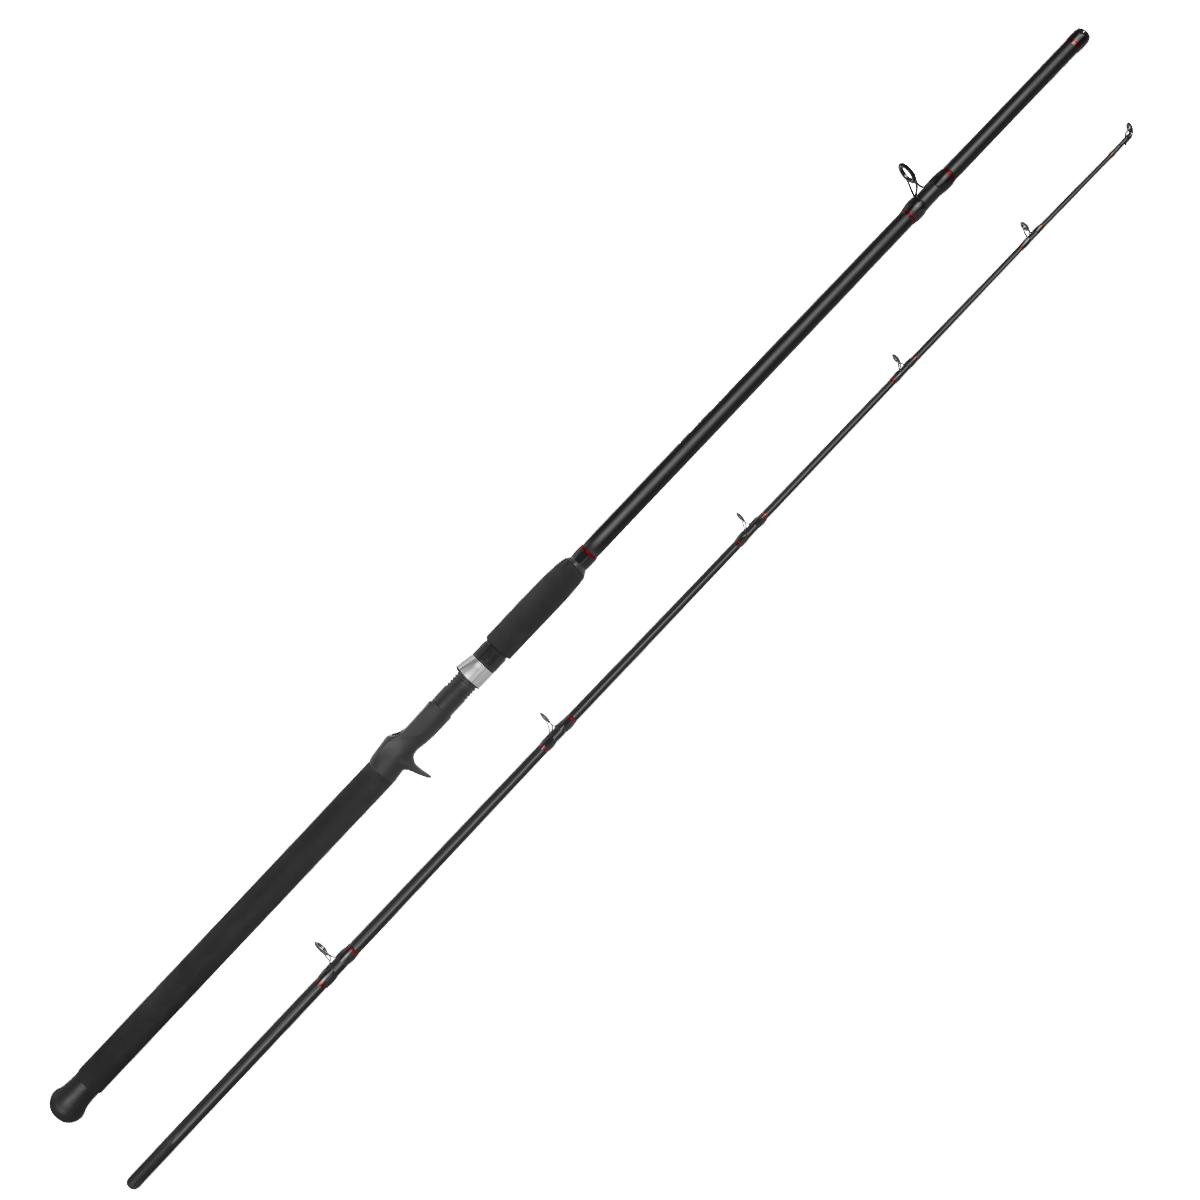 Vara Saint Force p/ Carretilha 2,10 m 50 lbs (2 Partes)  - Pró Pesca Shop